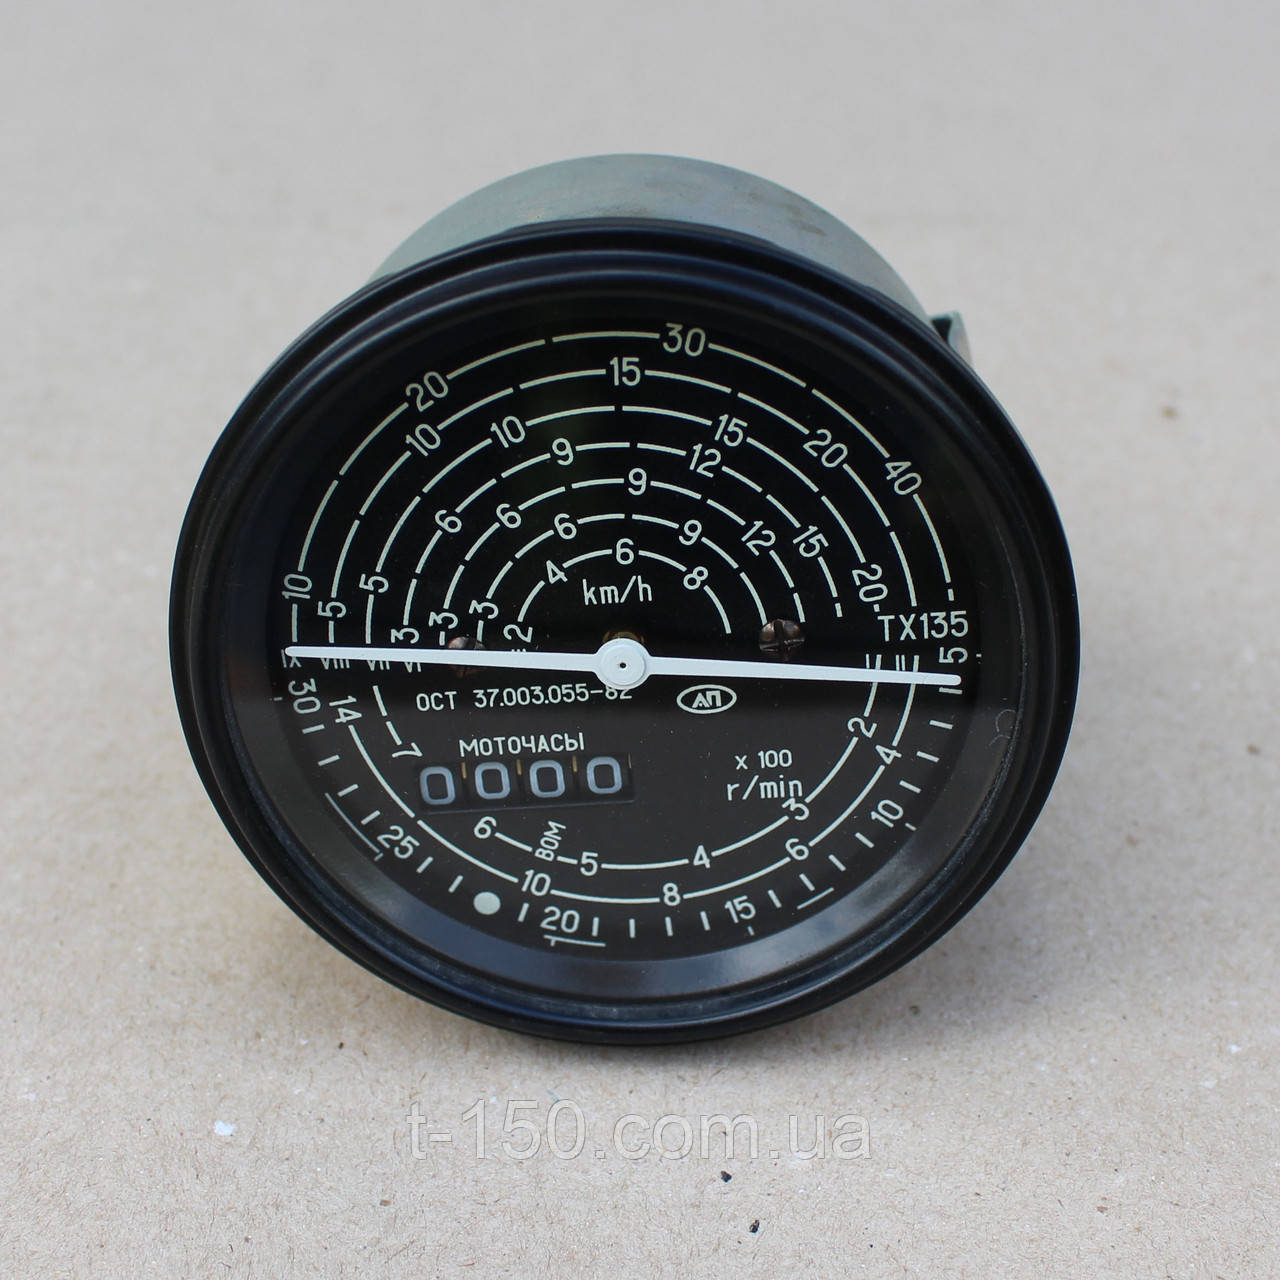 Тахоспидометр с приводом от гибкого вала МТЗ-80 ХМ, -80/82 (ТХ135-38130310)